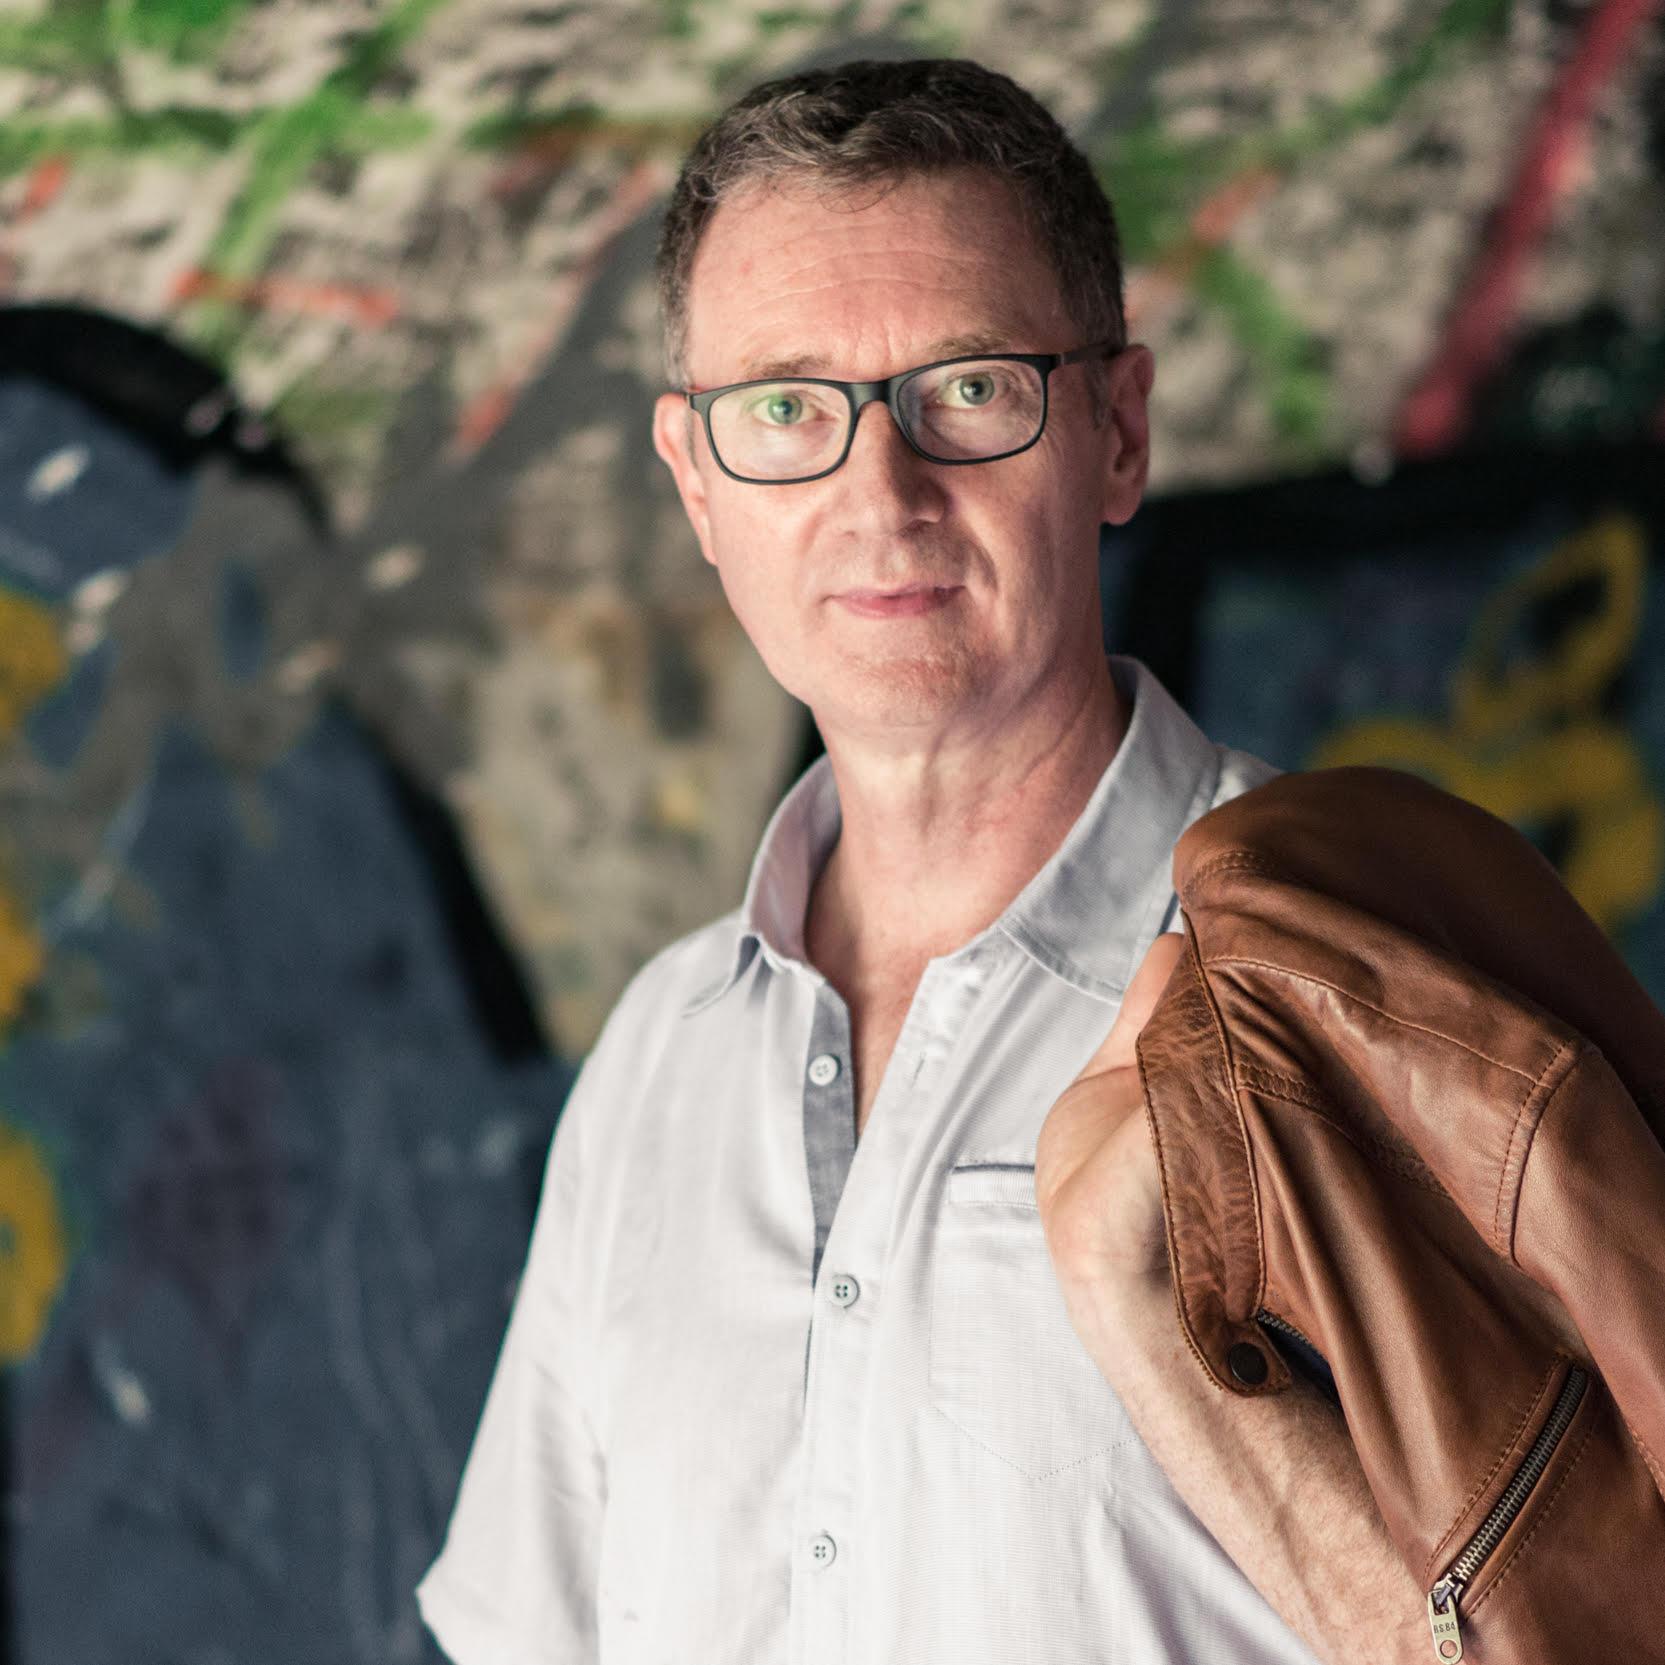 Didier Kapitza